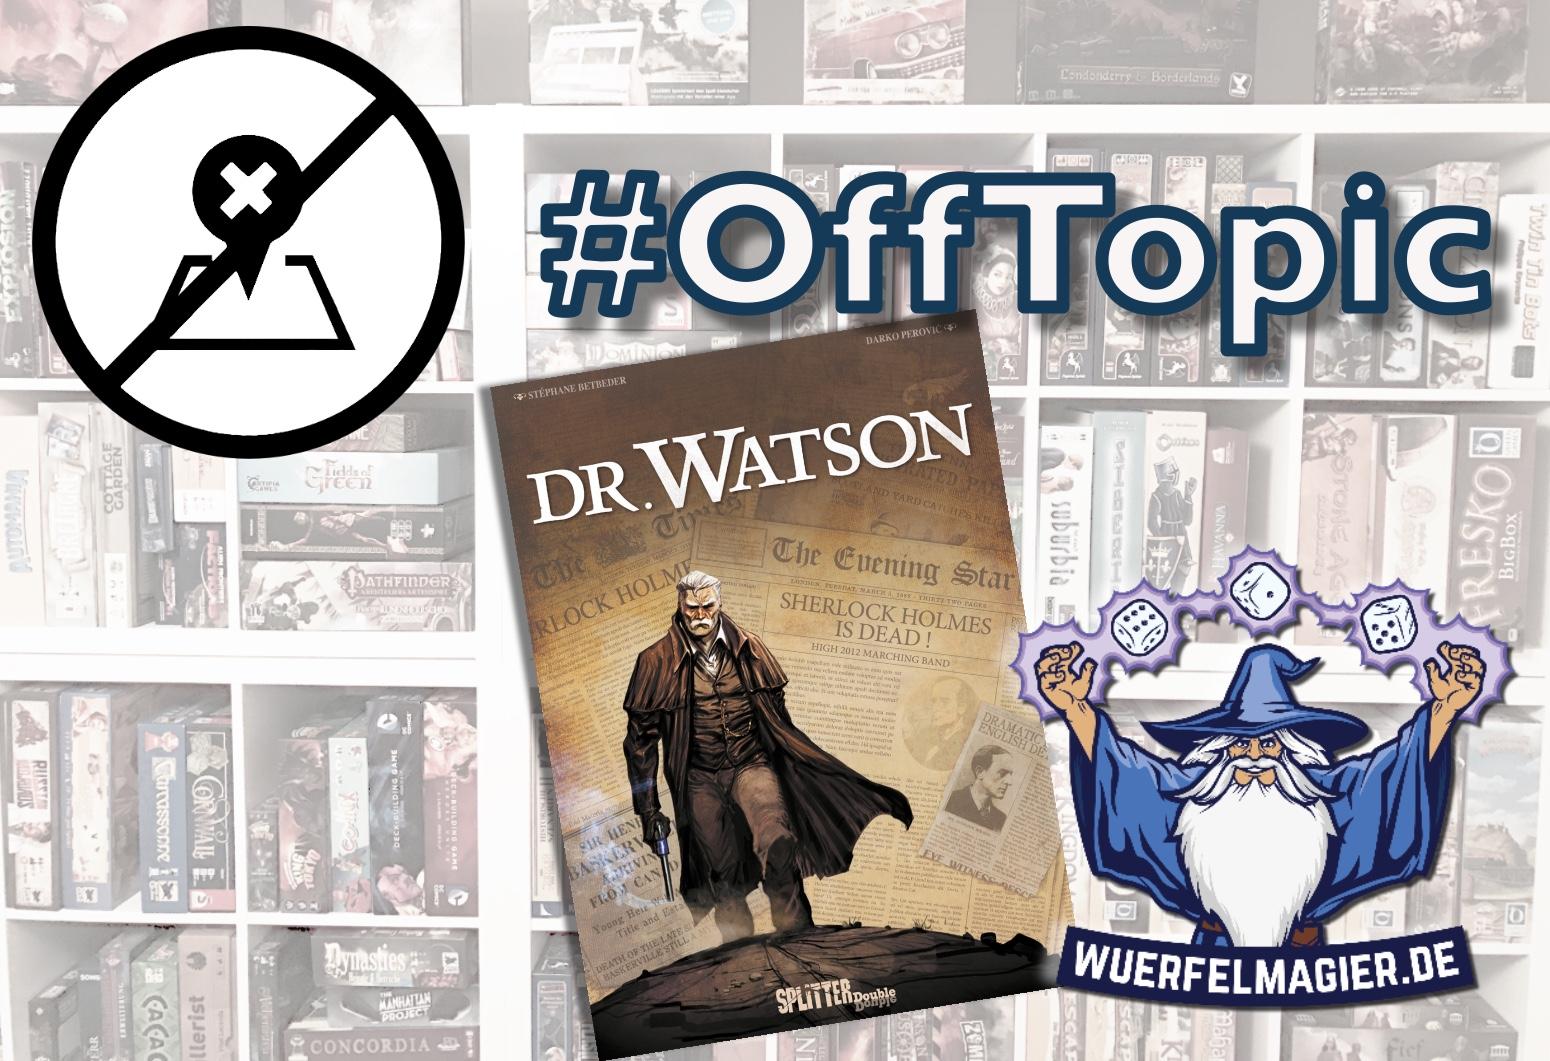 Offtopic Rezension Dr Watson Splitter Verlag Wuerfelmagier Würfelmagier